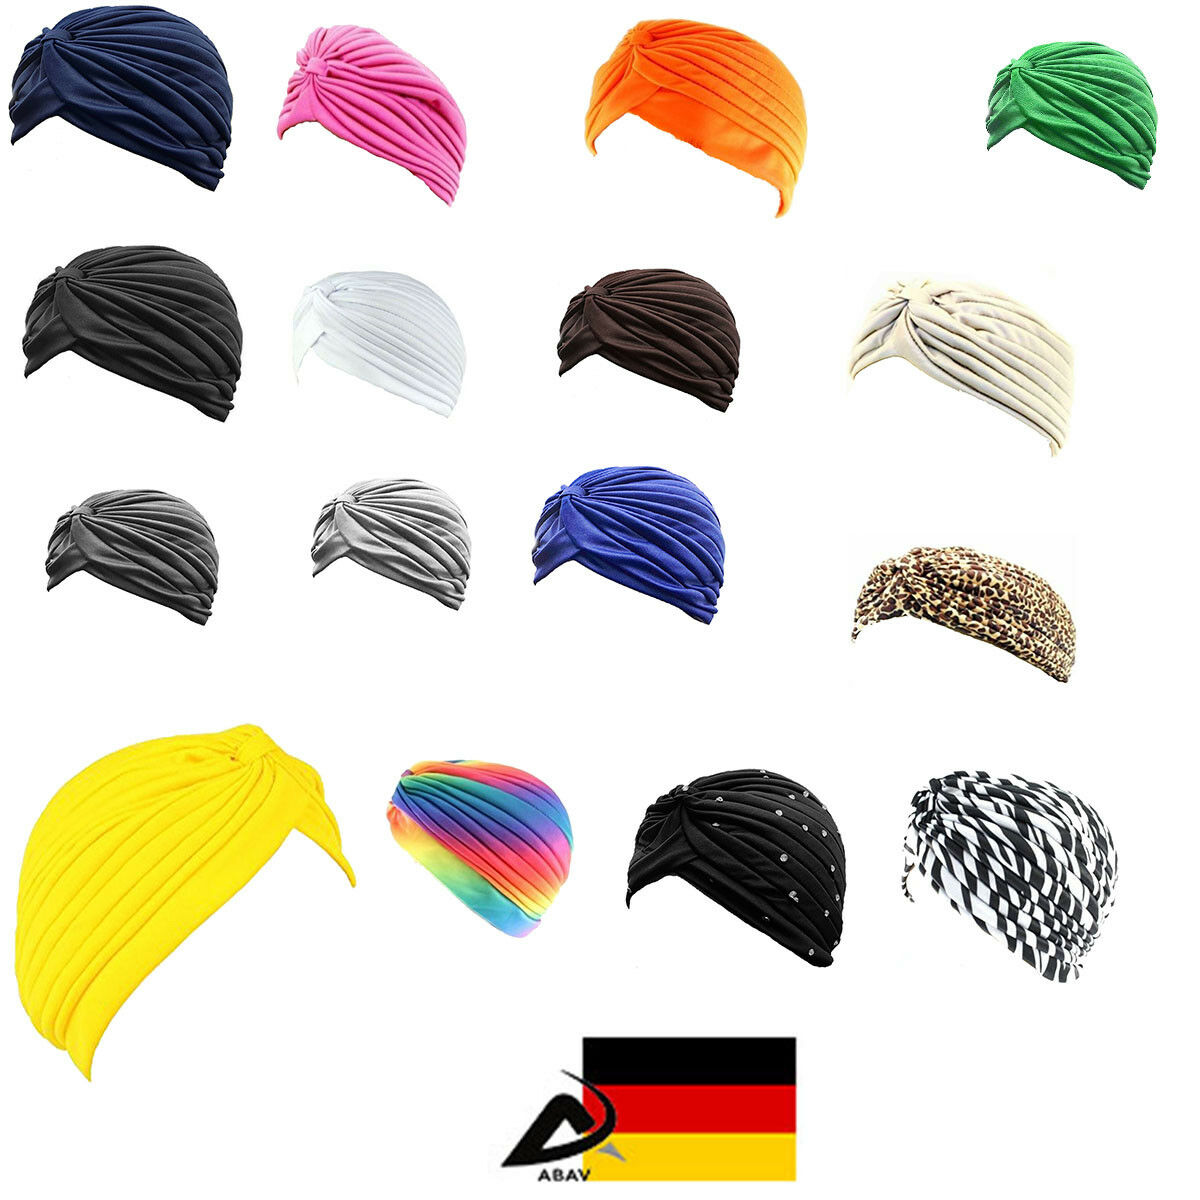 Turban Haarband Haarschmuck Kopfbedeckung Chemo Mütze Damen Hut Tuch Kopftuch